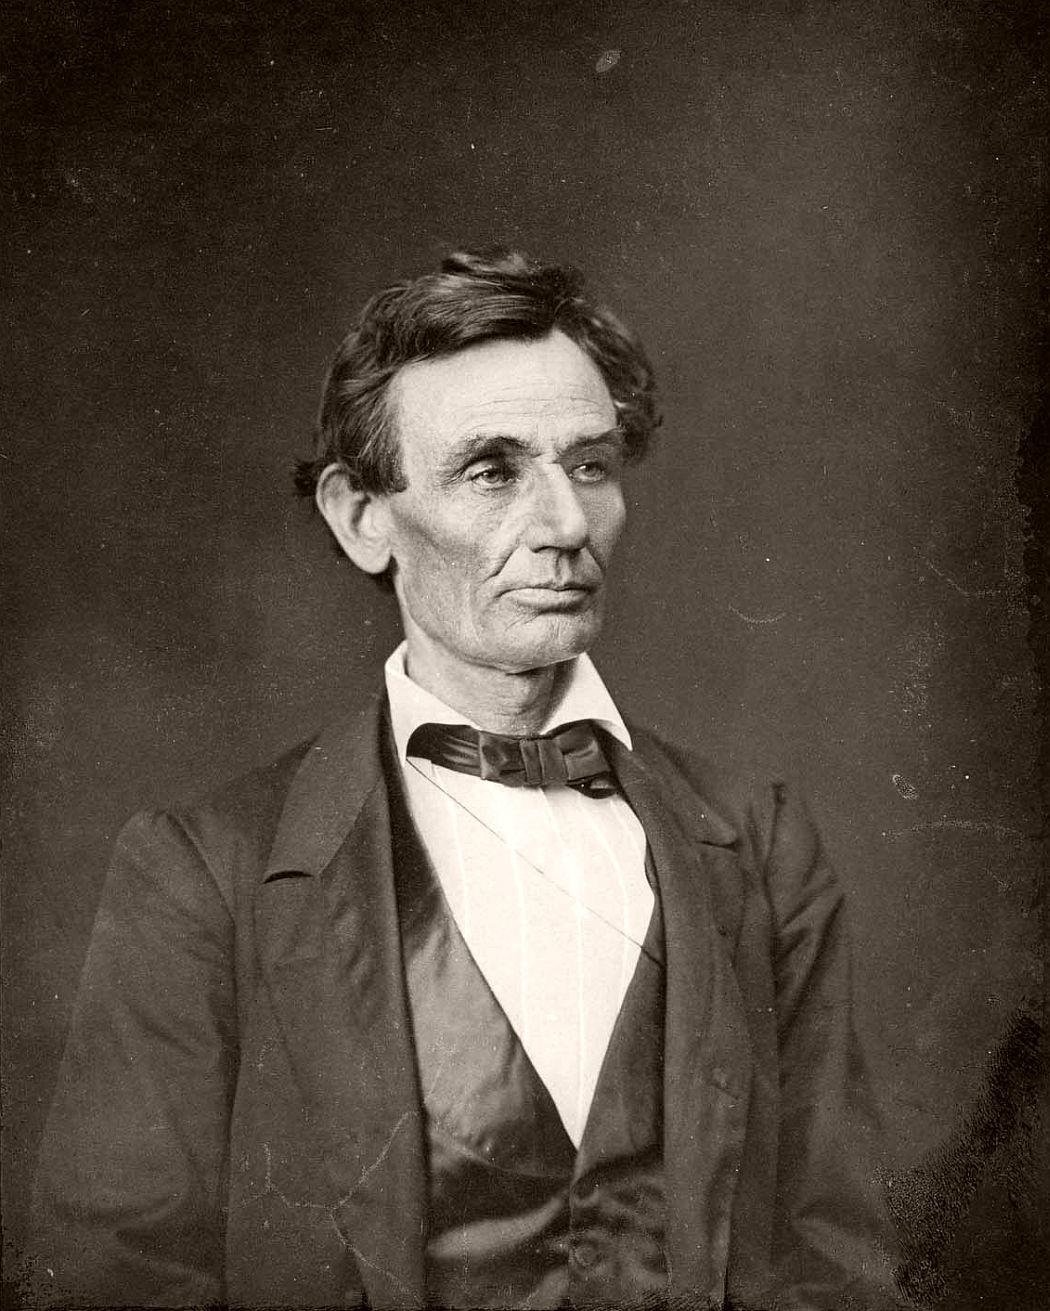 Abraham Lincoln by Alexander Hesler, 1860